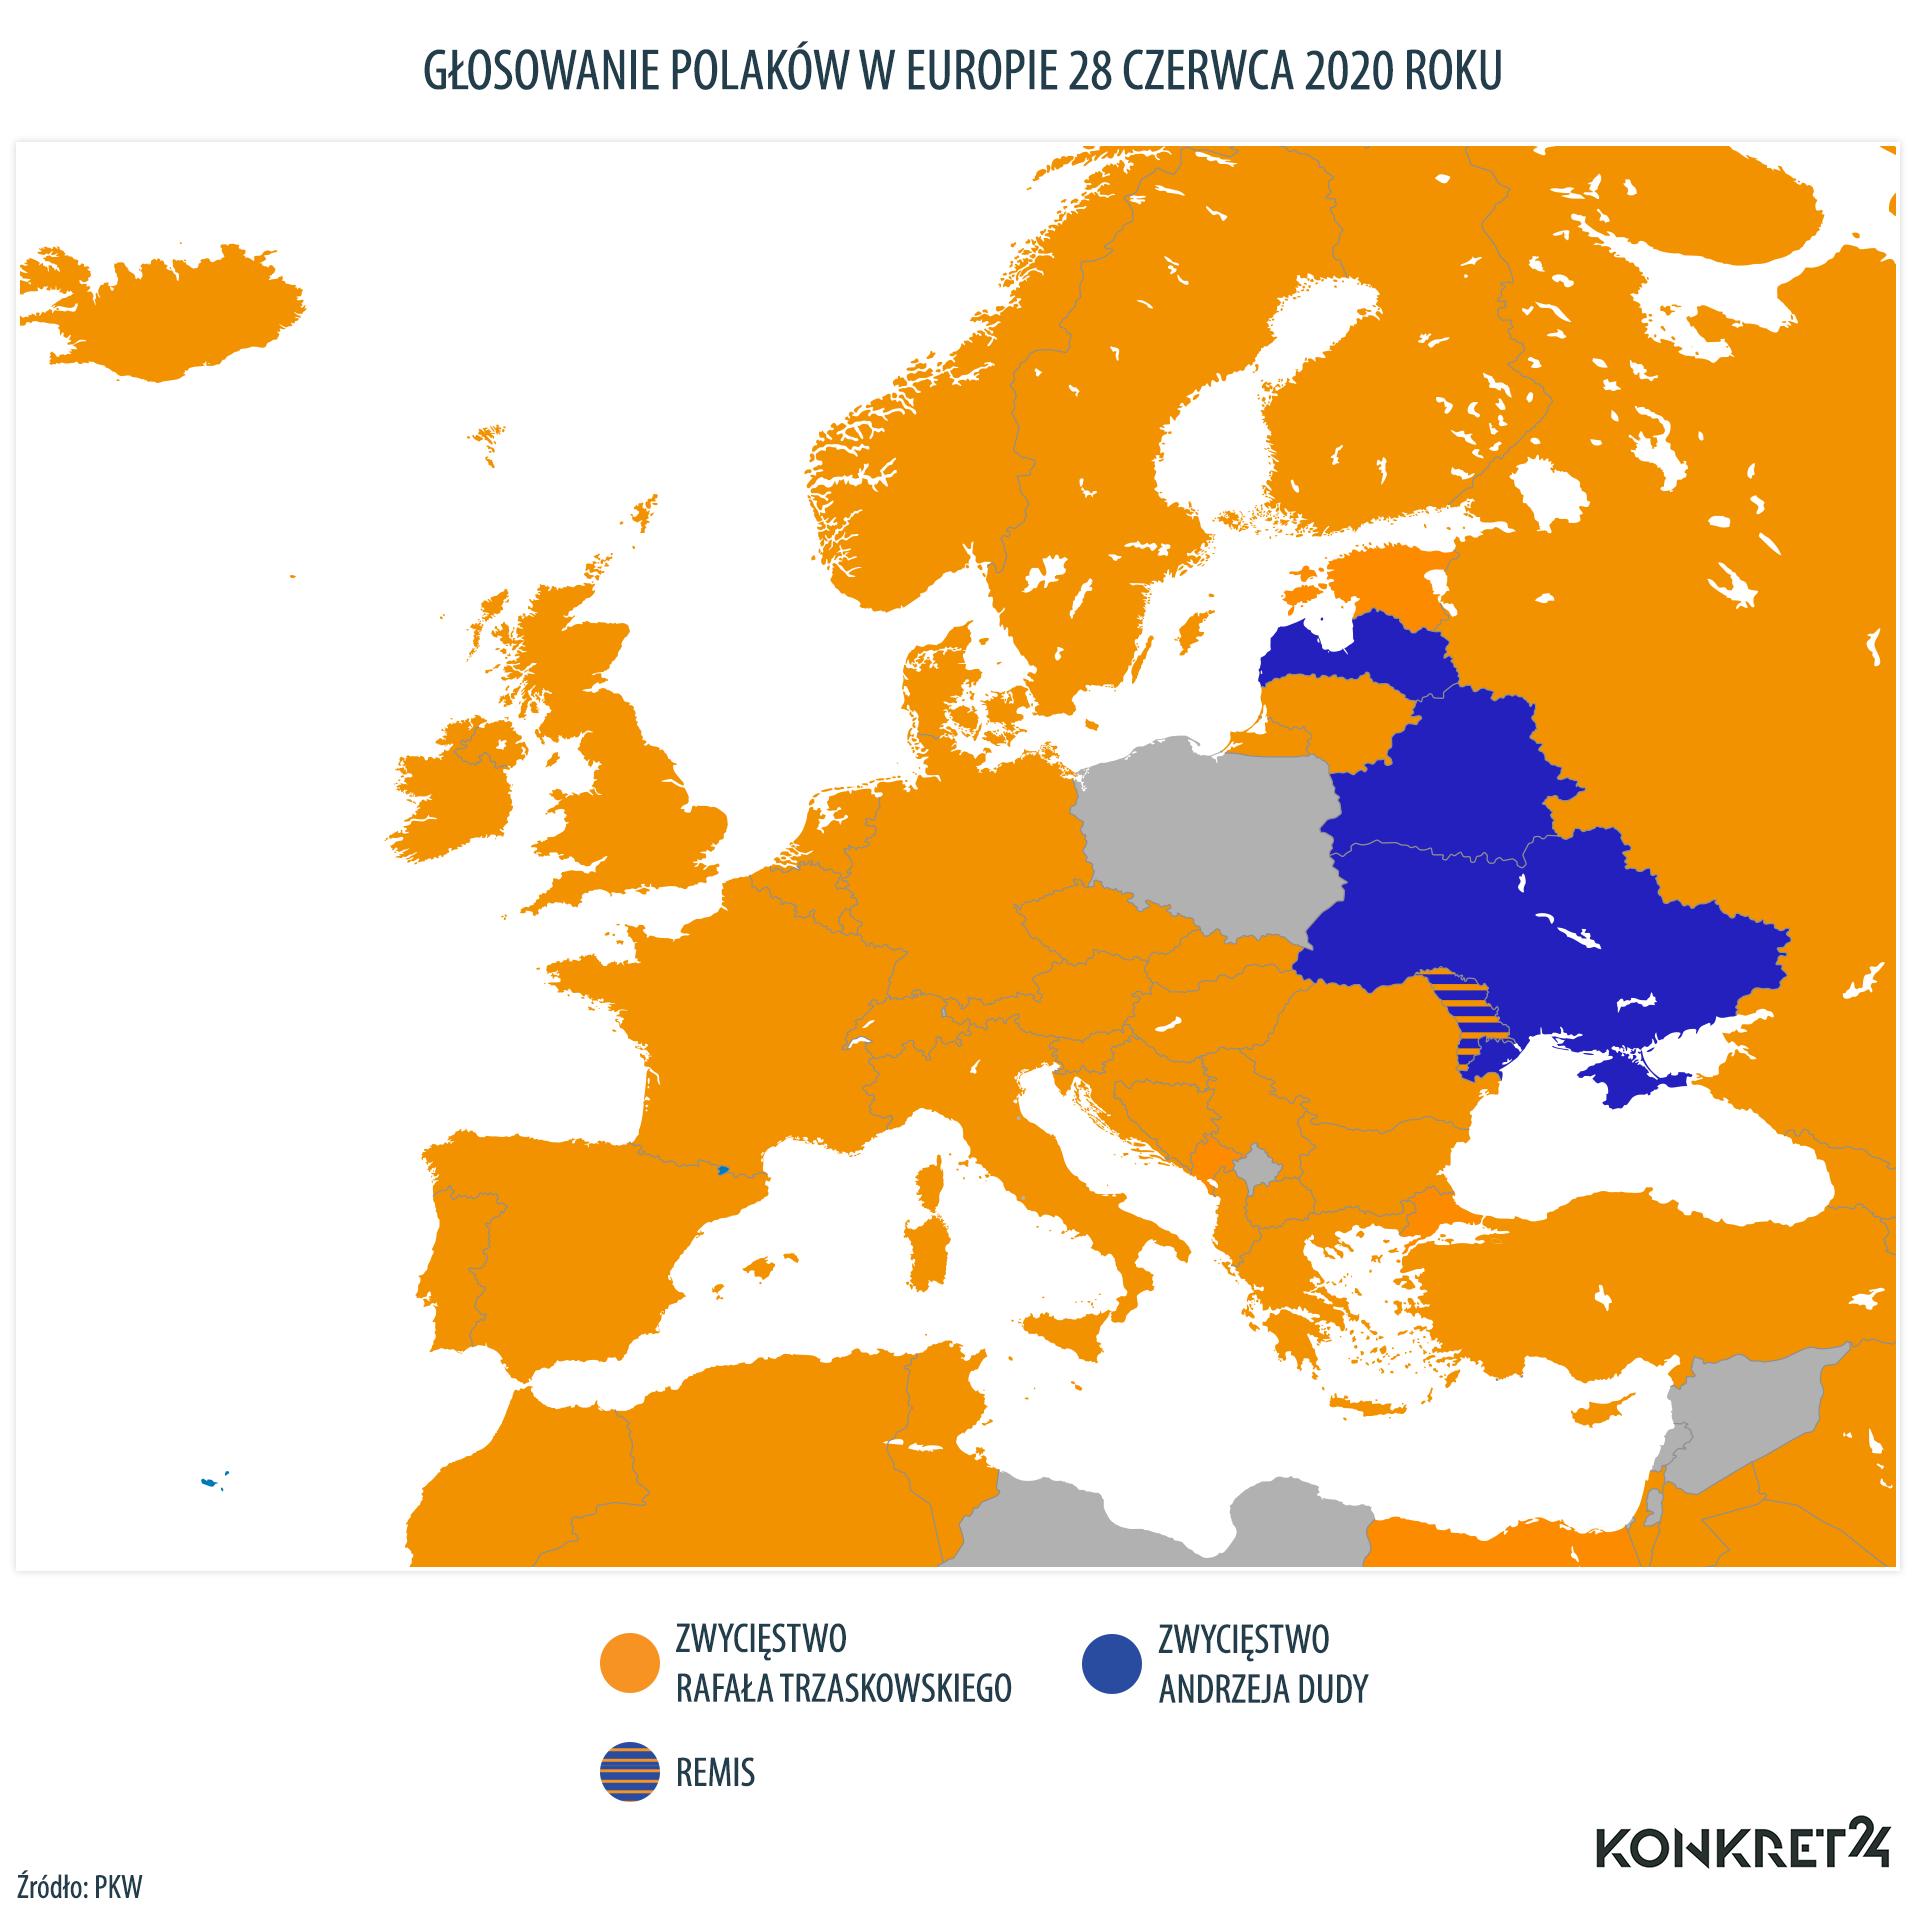 Głosowanie Polaków w Europie w I turze wyborów prezydenckich w 2020 roku